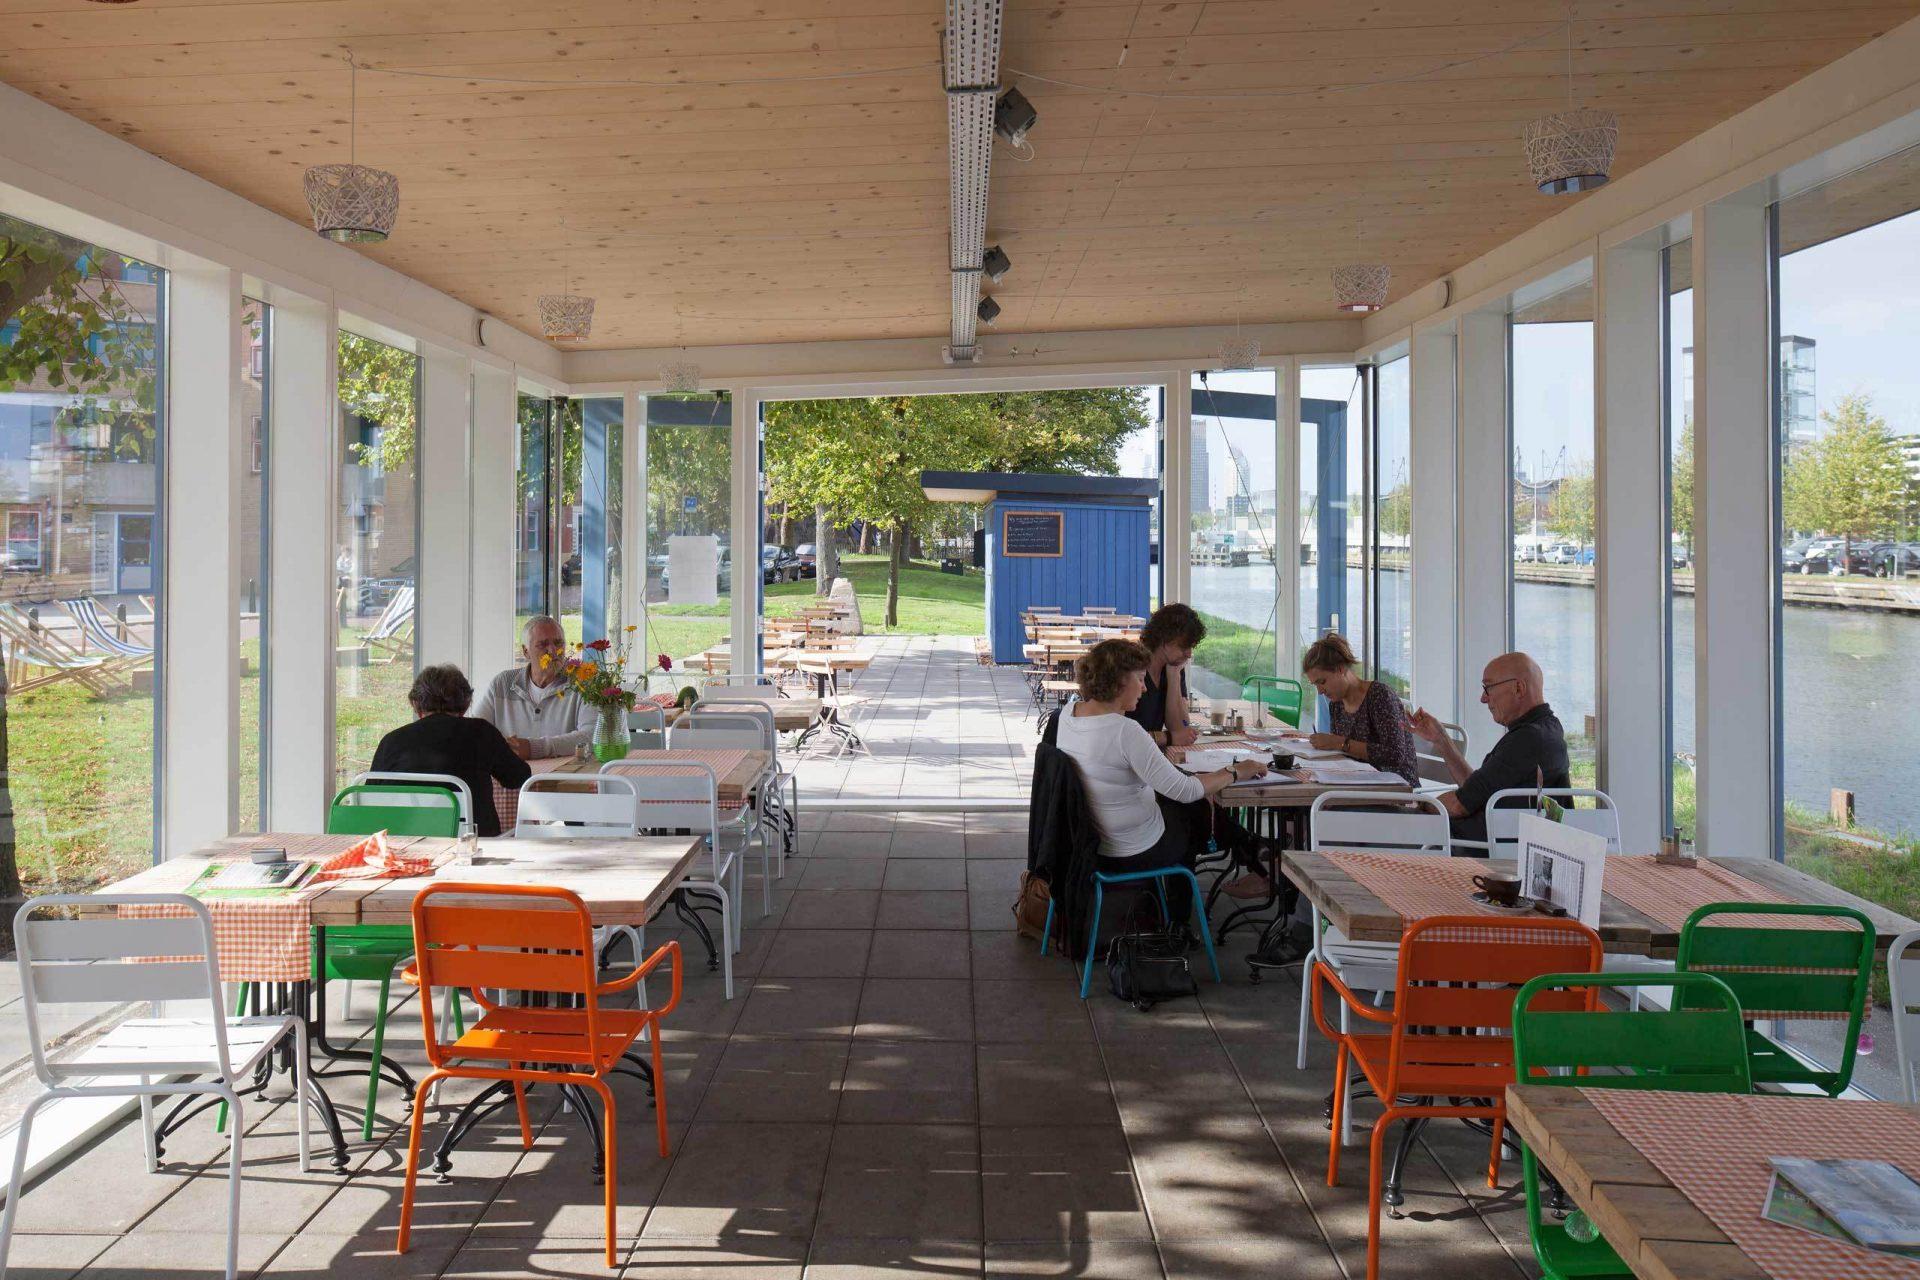 Kobus Restaurant